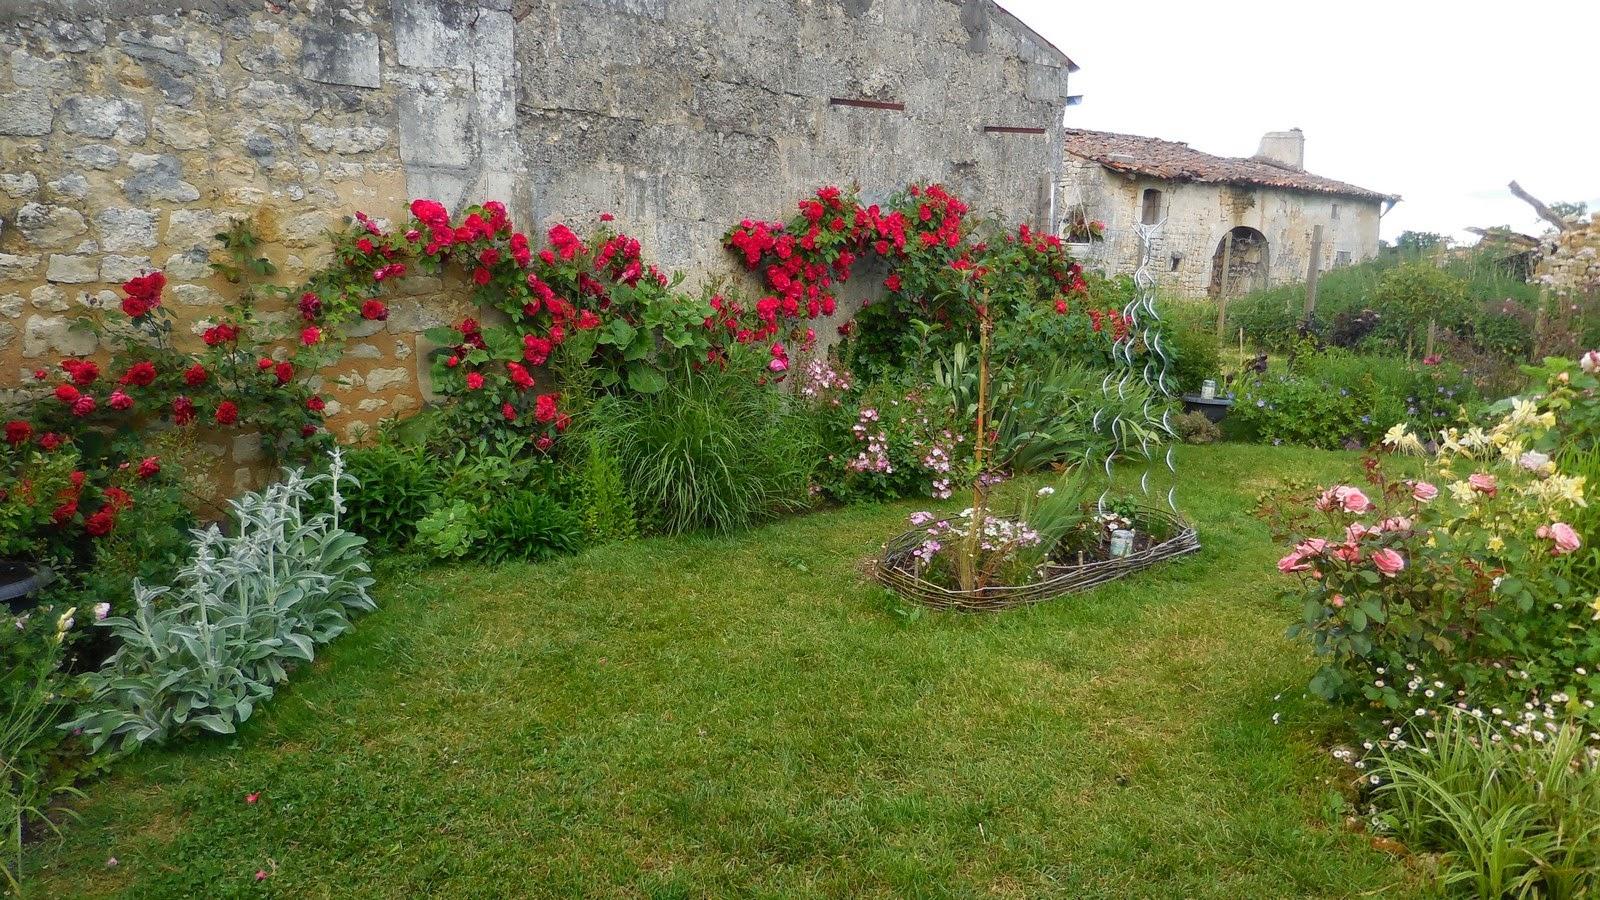 Cagouille 39 s garden des roses et des fleurs - Taille des rosiers apres floraison ...